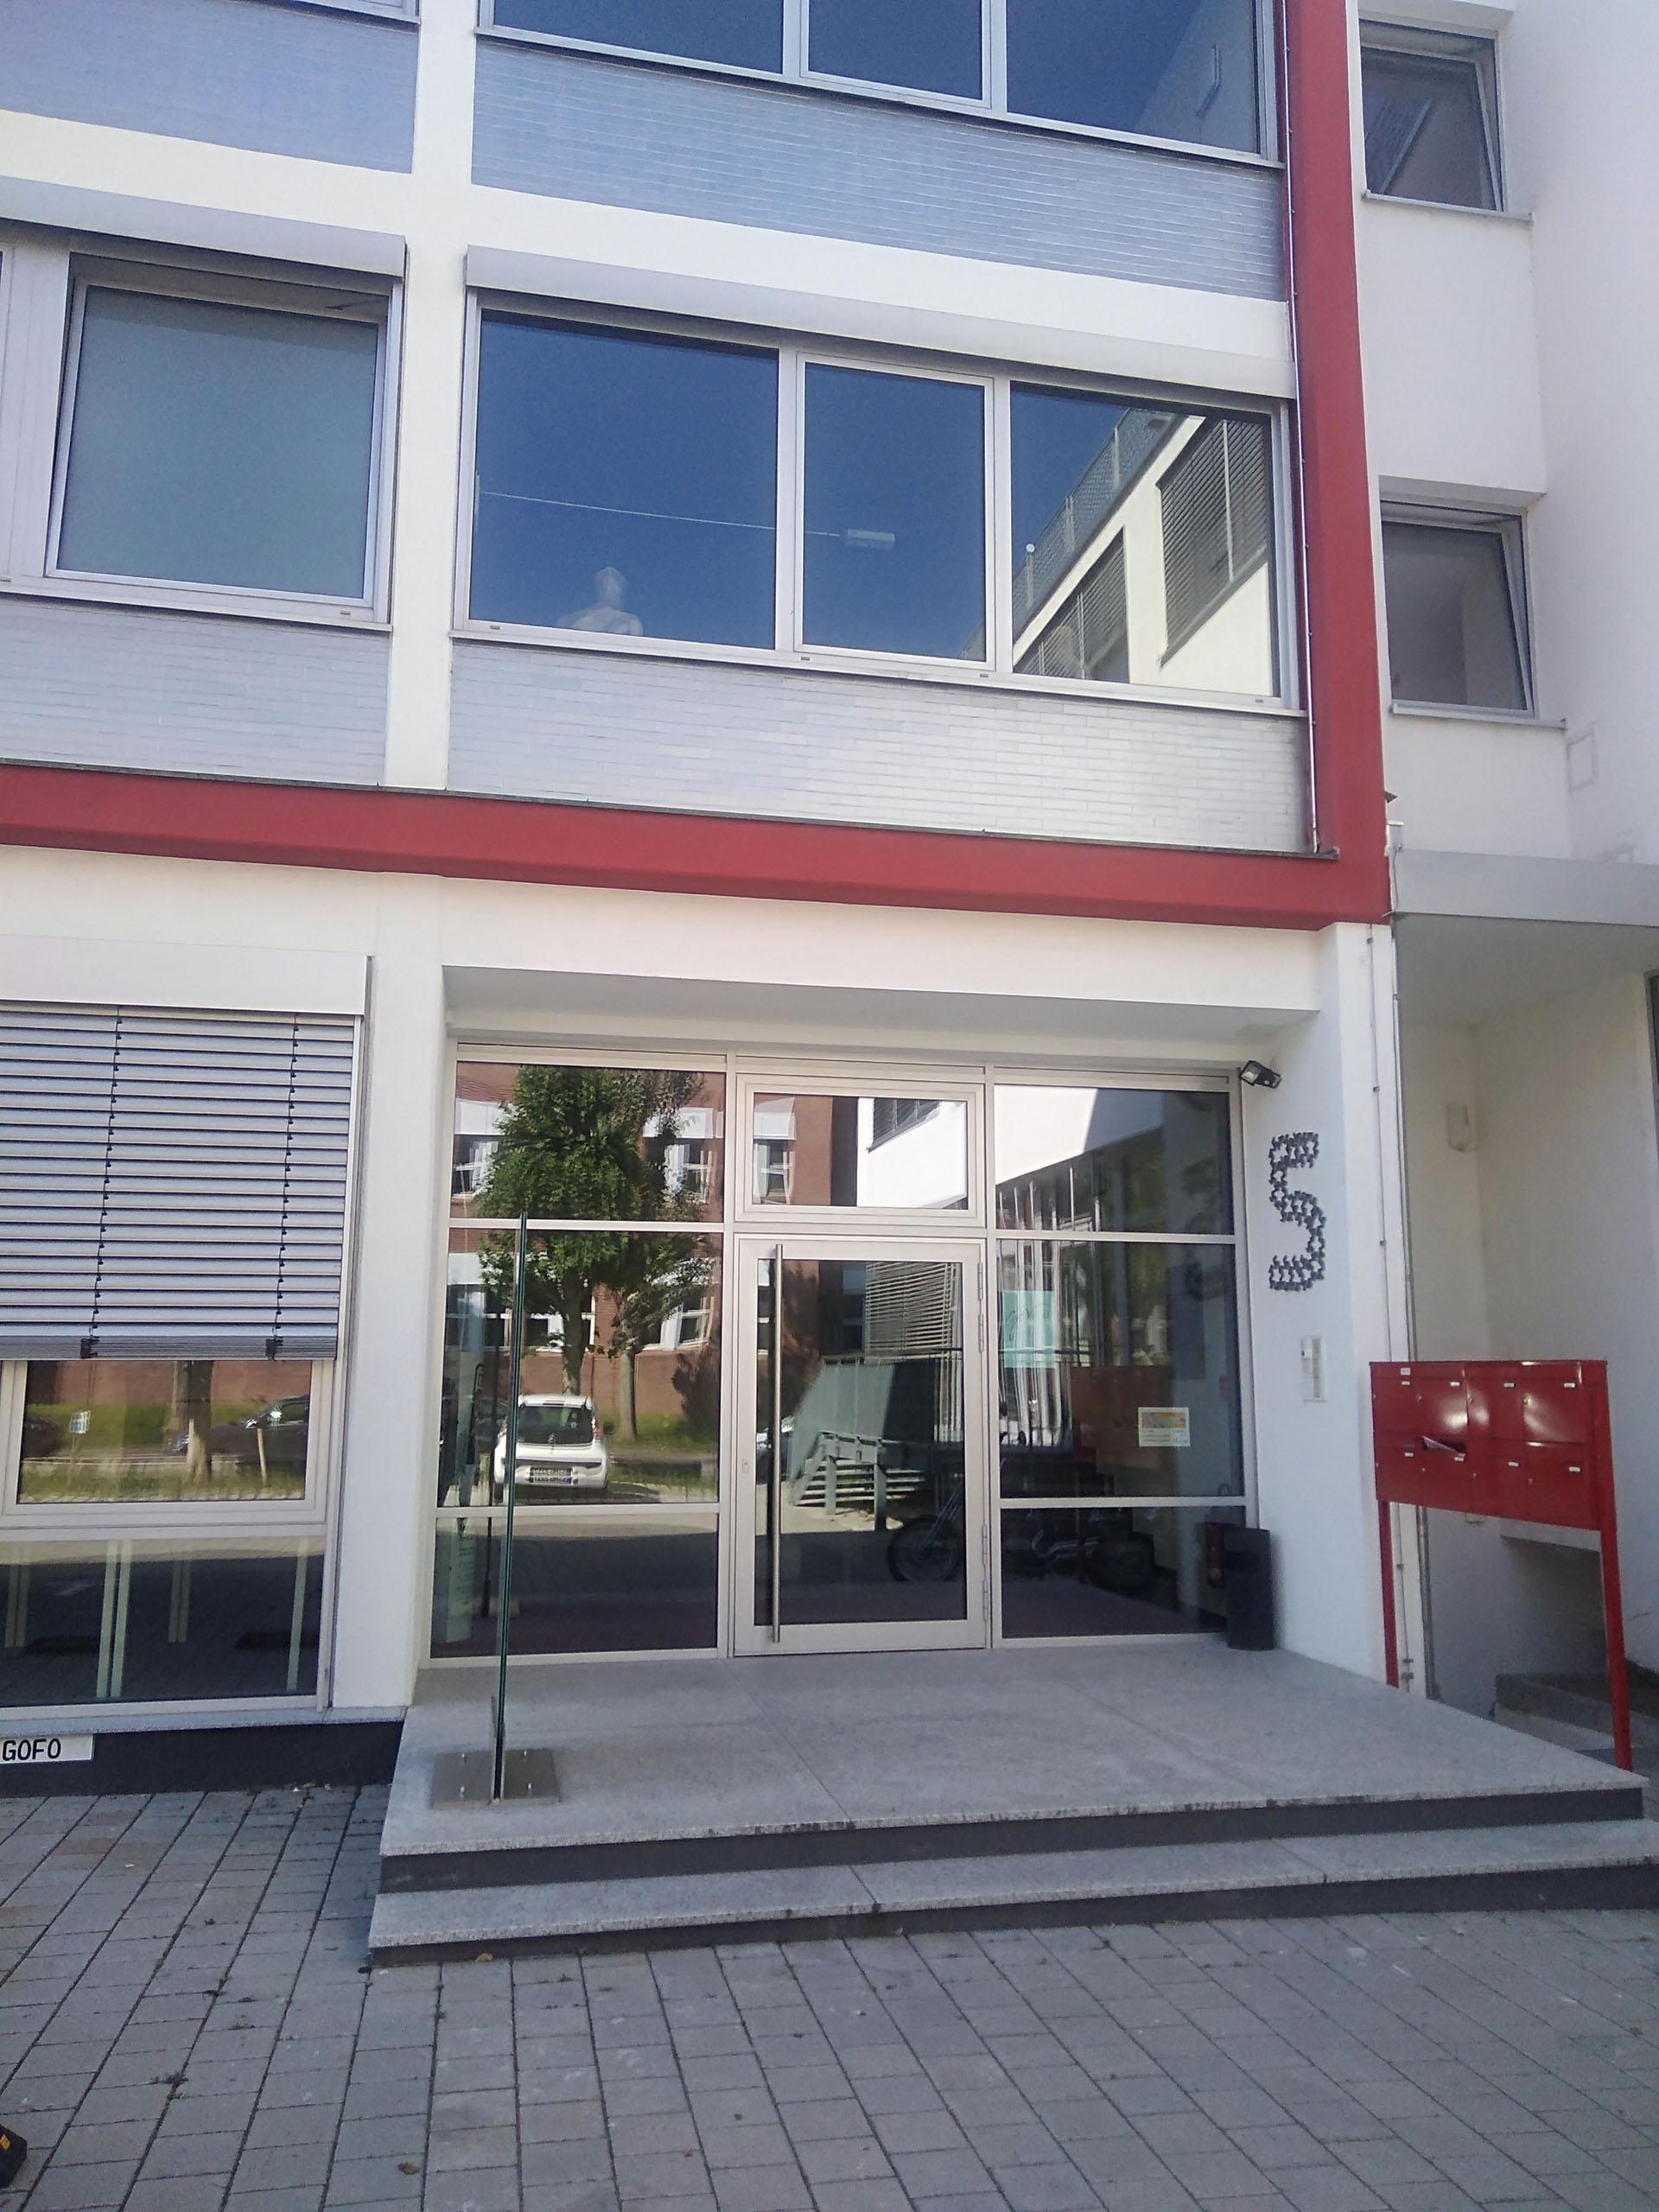 Photo vom Eingang des Gebäudes